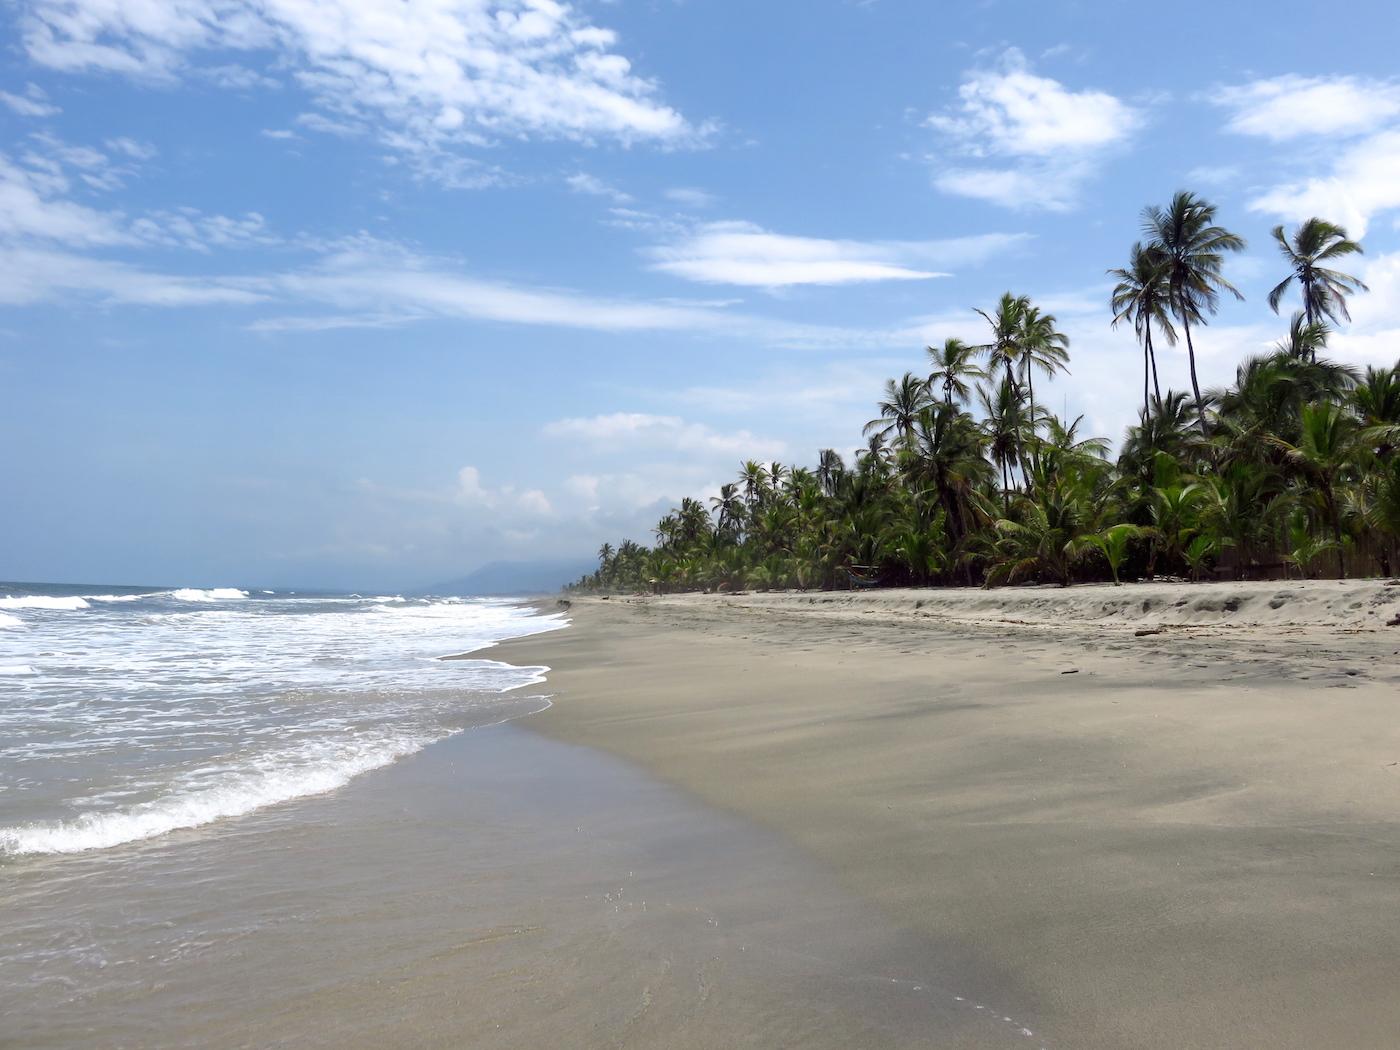 Vakantie colombia tips NP Tyrona 2